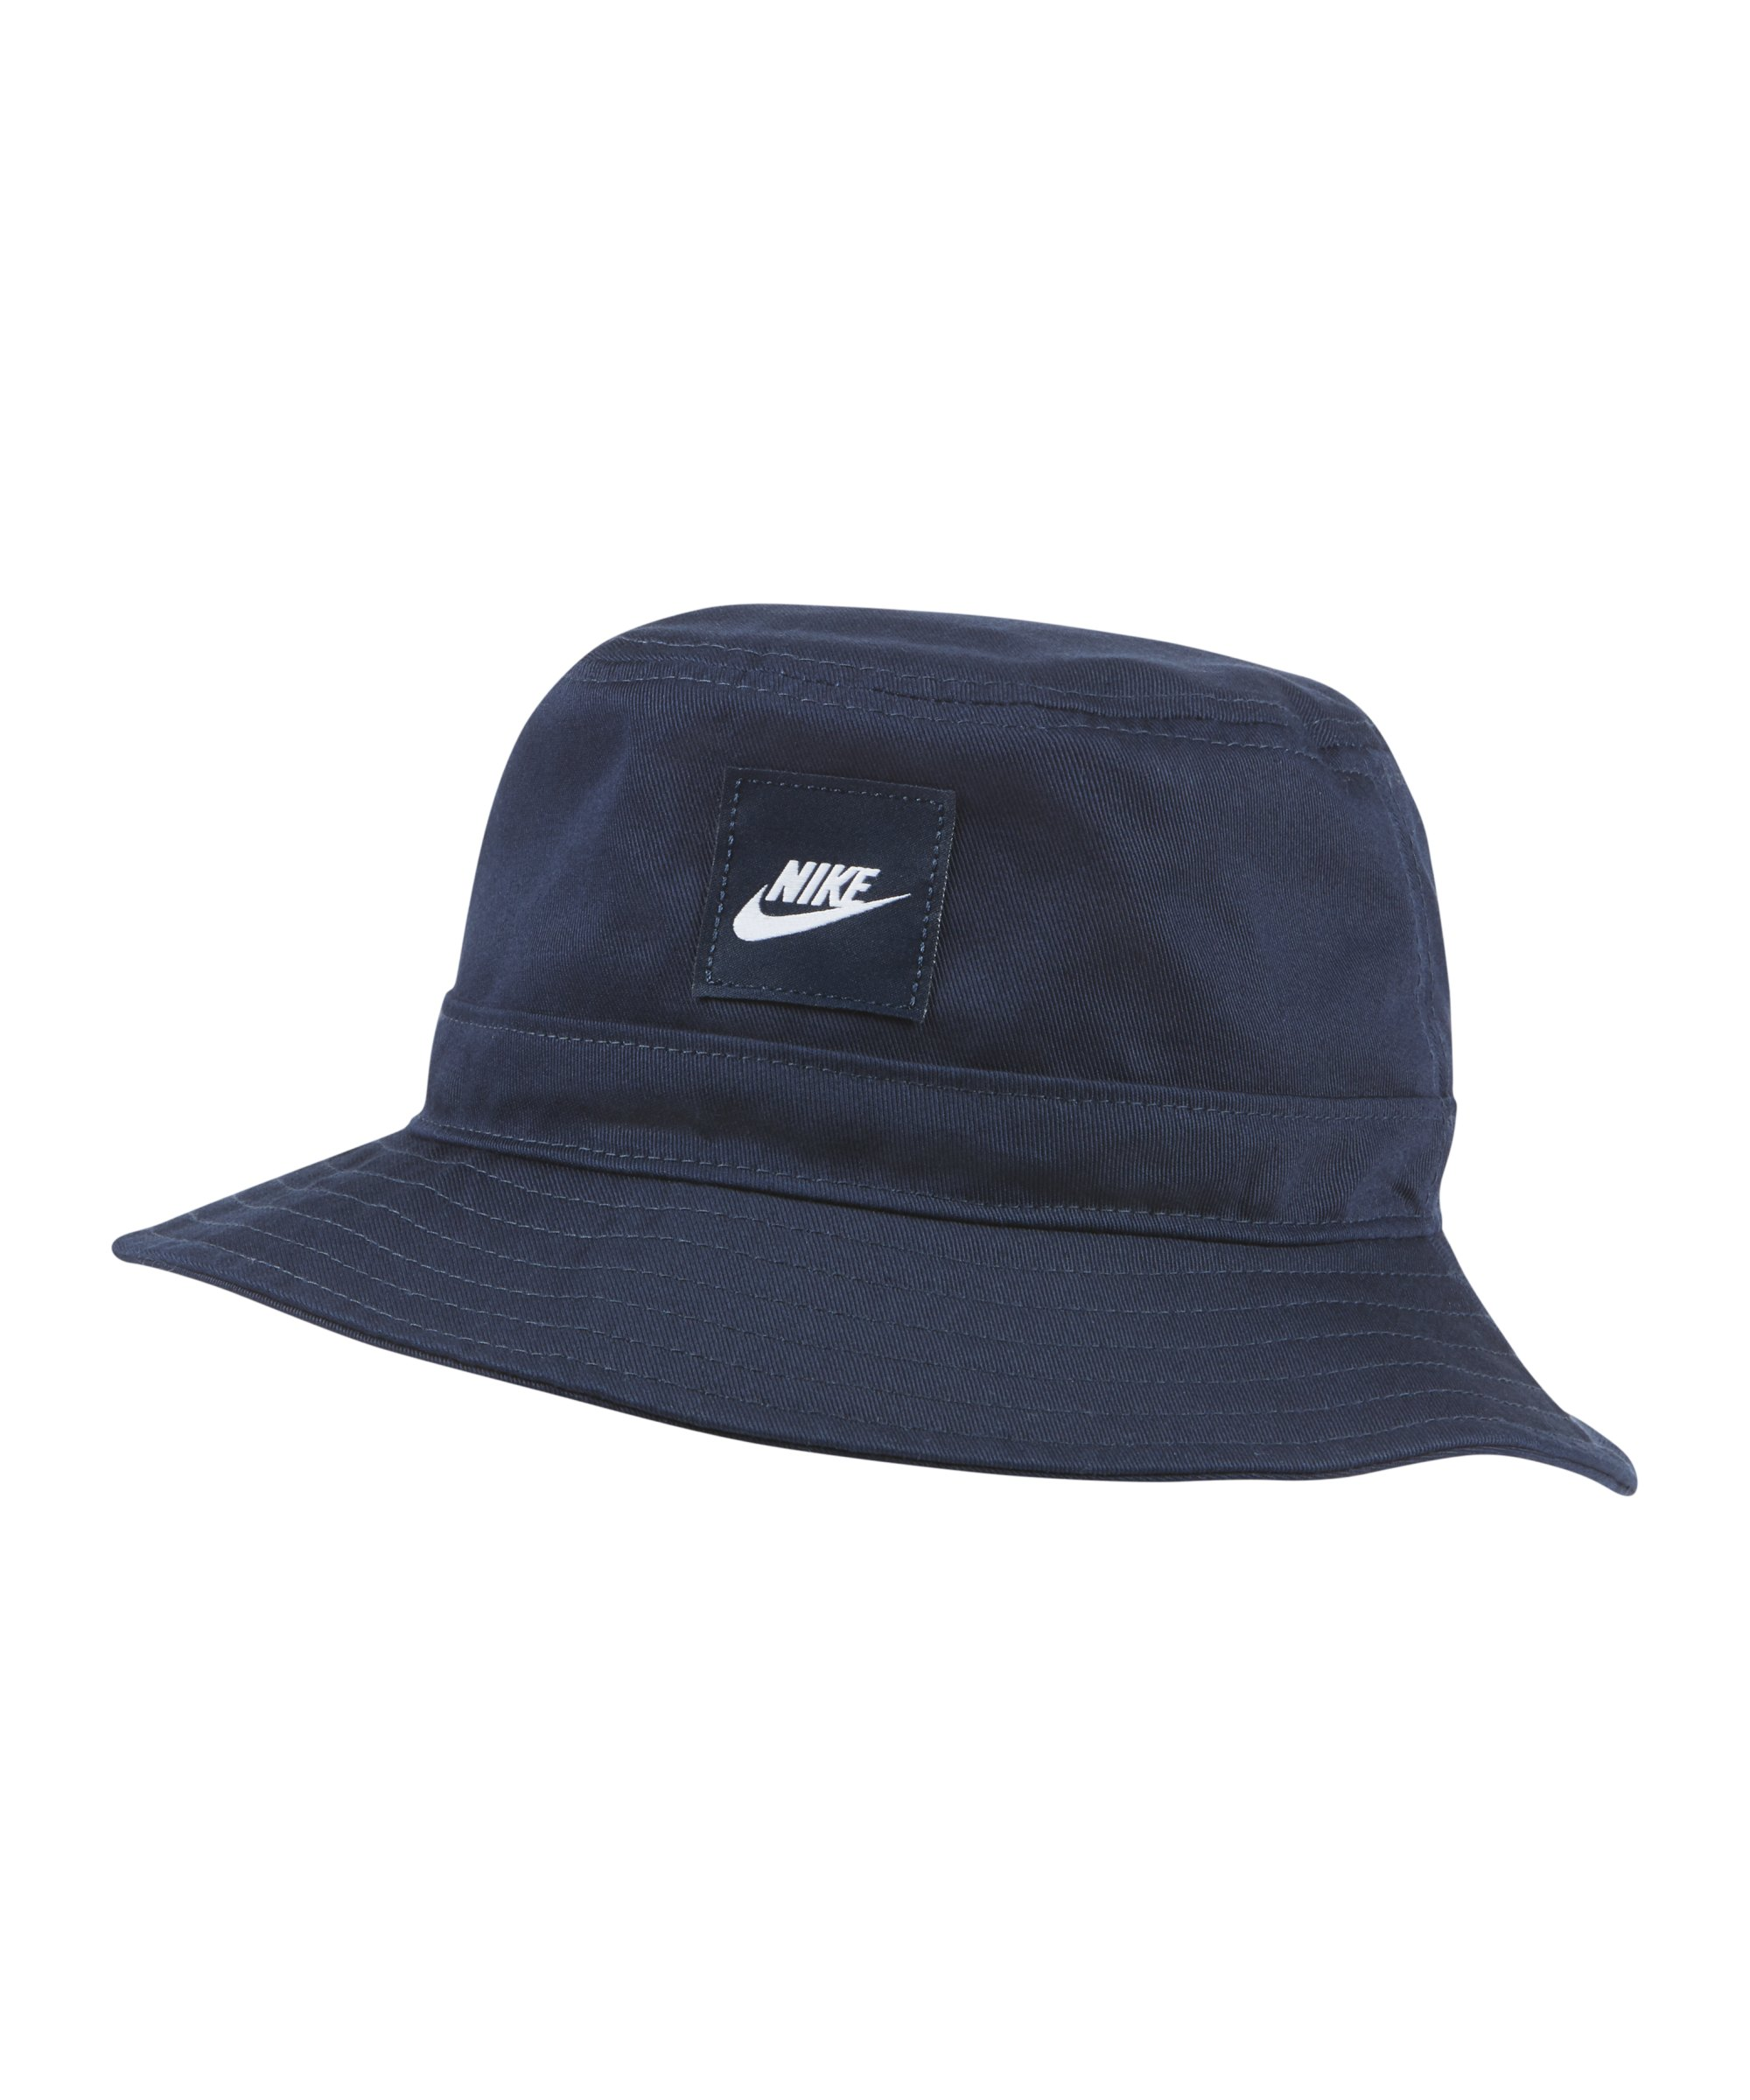 Nike Core Bucket Hat Blau F451 - blau